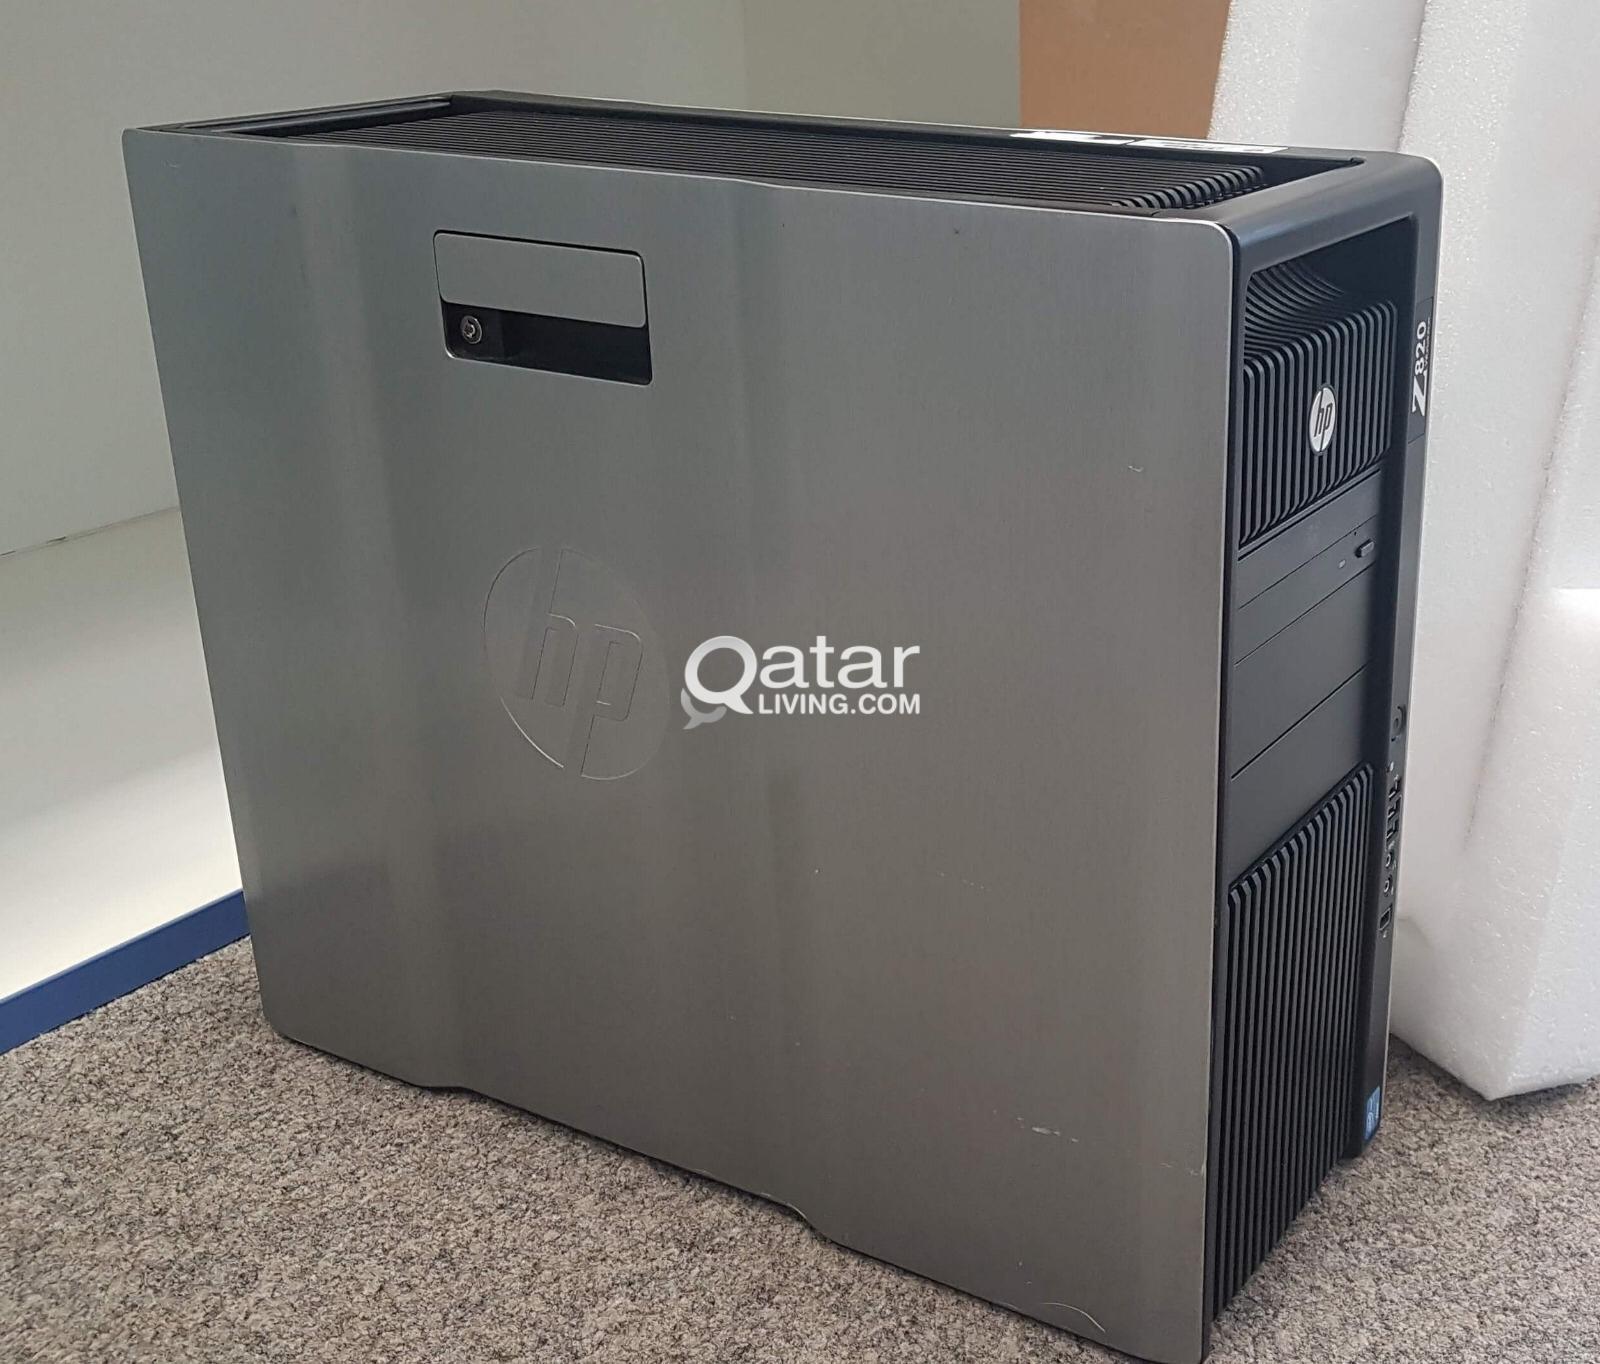 16-Core HP Z820 (Heavy Duty!) | Qatar Living